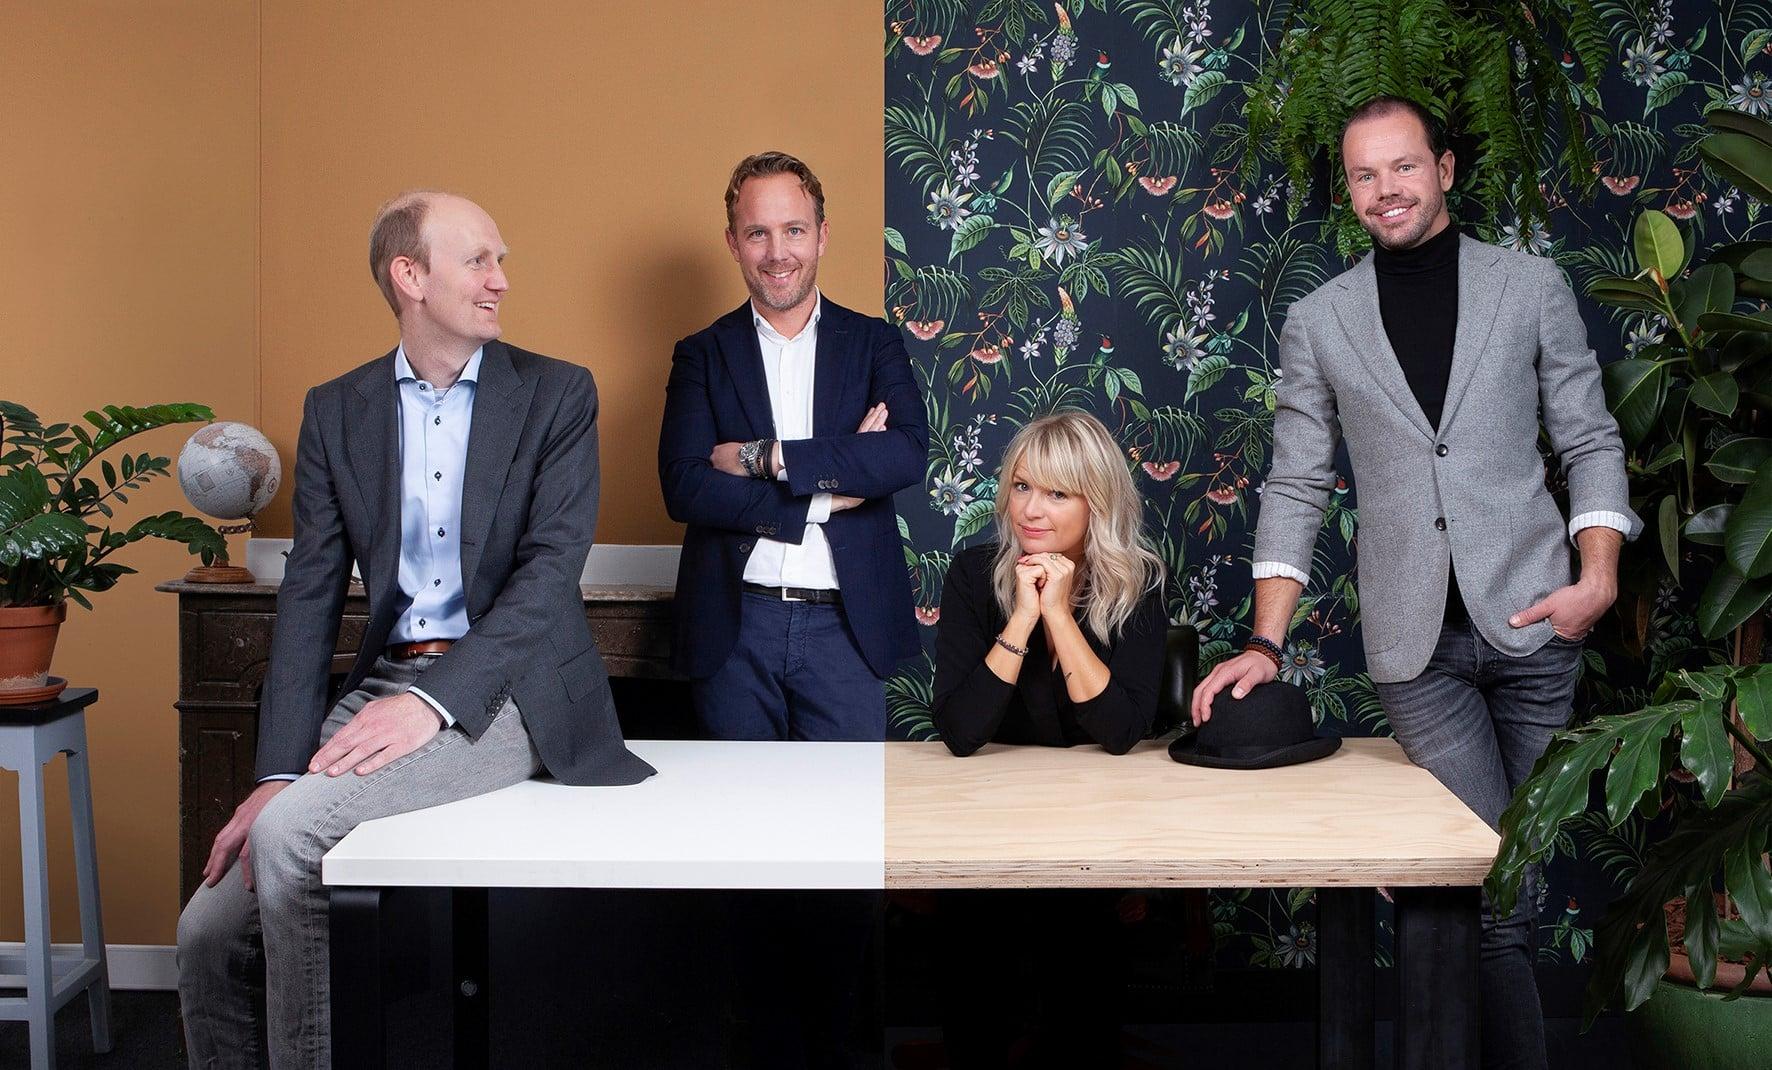 Foto waarop Joost en Hessel Appers (oprichters en directeuren van Synetic) en Fanny Morriën en Roel Stevens (oprichters en directeuren van Henry Handsome) te zien zijn.